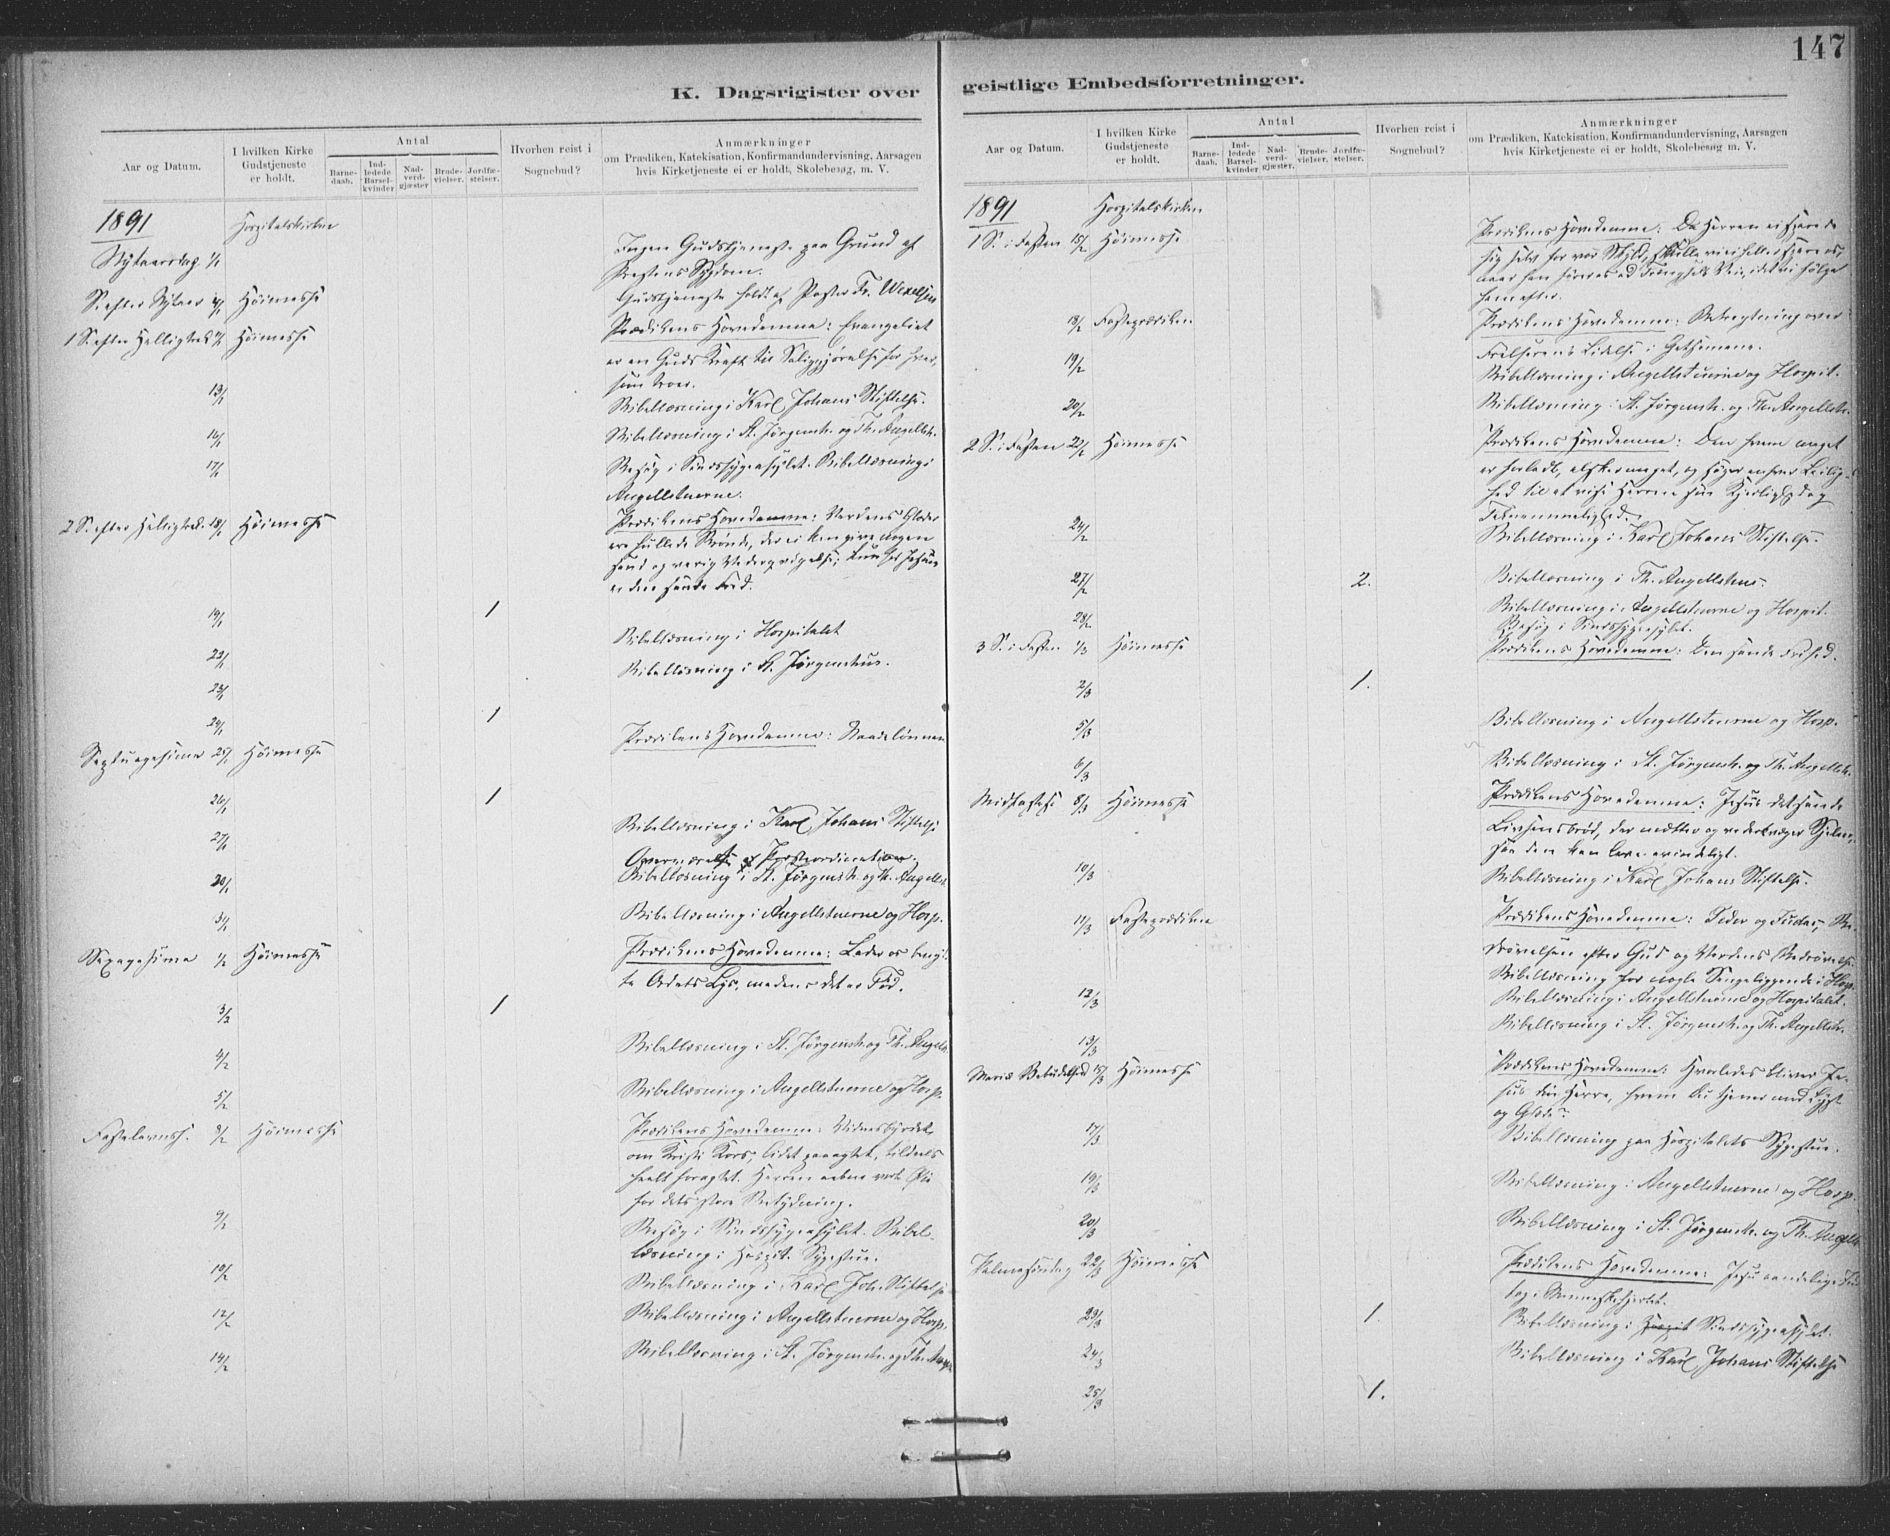 SAT, Ministerialprotokoller, klokkerbøker og fødselsregistre - Sør-Trøndelag, 623/L0470: Ministerialbok nr. 623A04, 1884-1938, s. 147